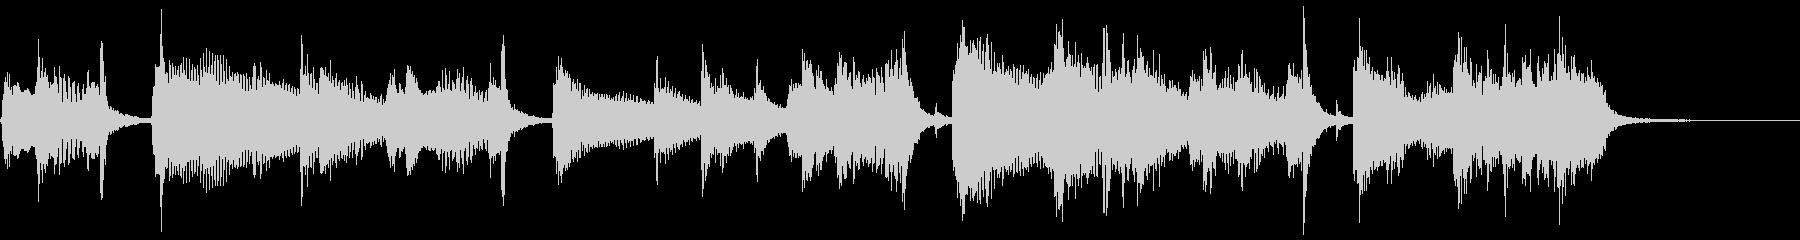 アコギヒップホップ感動洋楽コーポレートeの未再生の波形